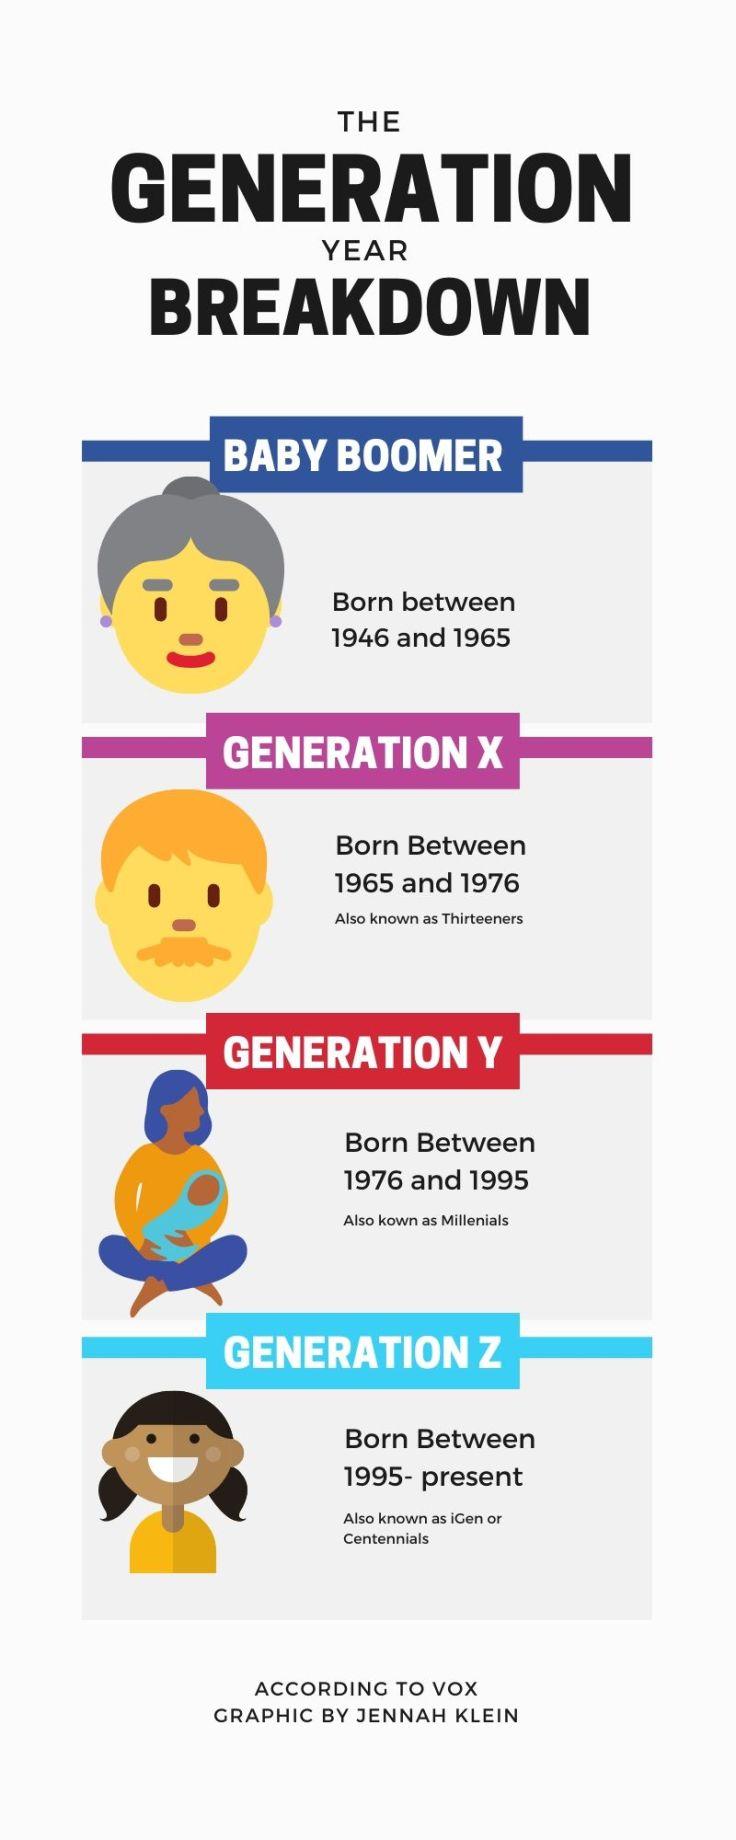 The generationbreakdown